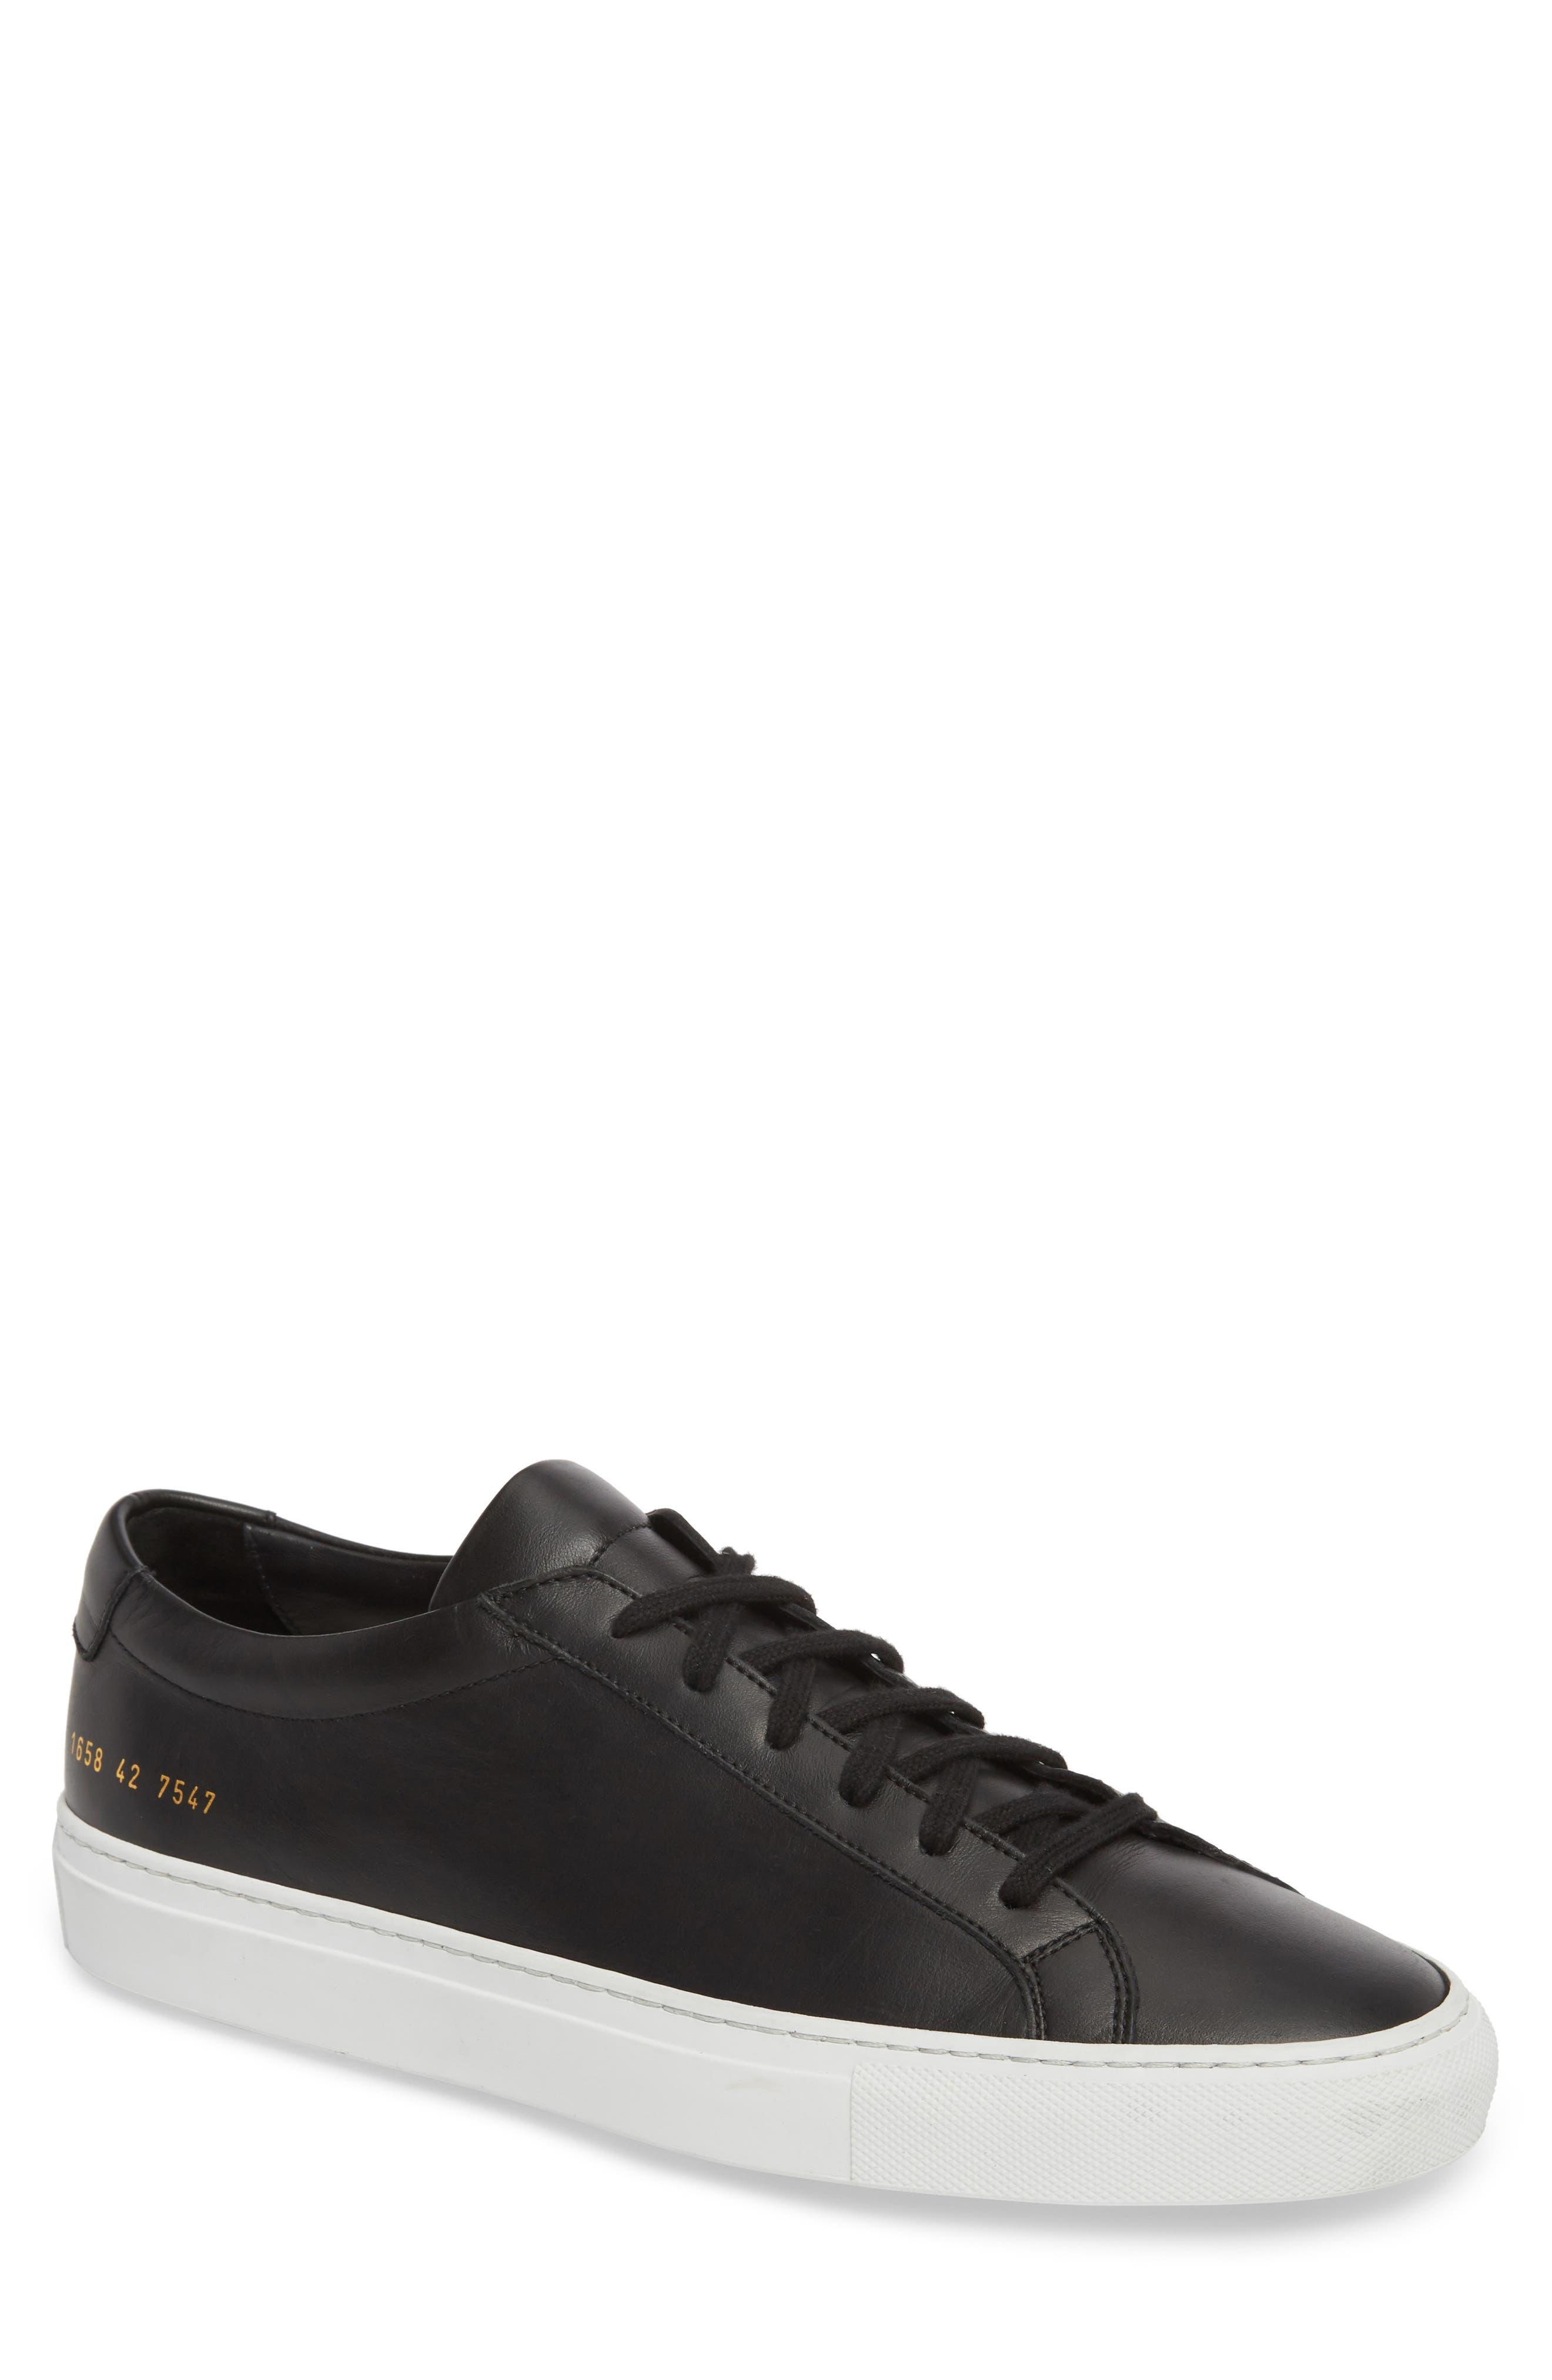 Achilles Low Sneaker,                             Main thumbnail 1, color,                             BLACK LEATHER